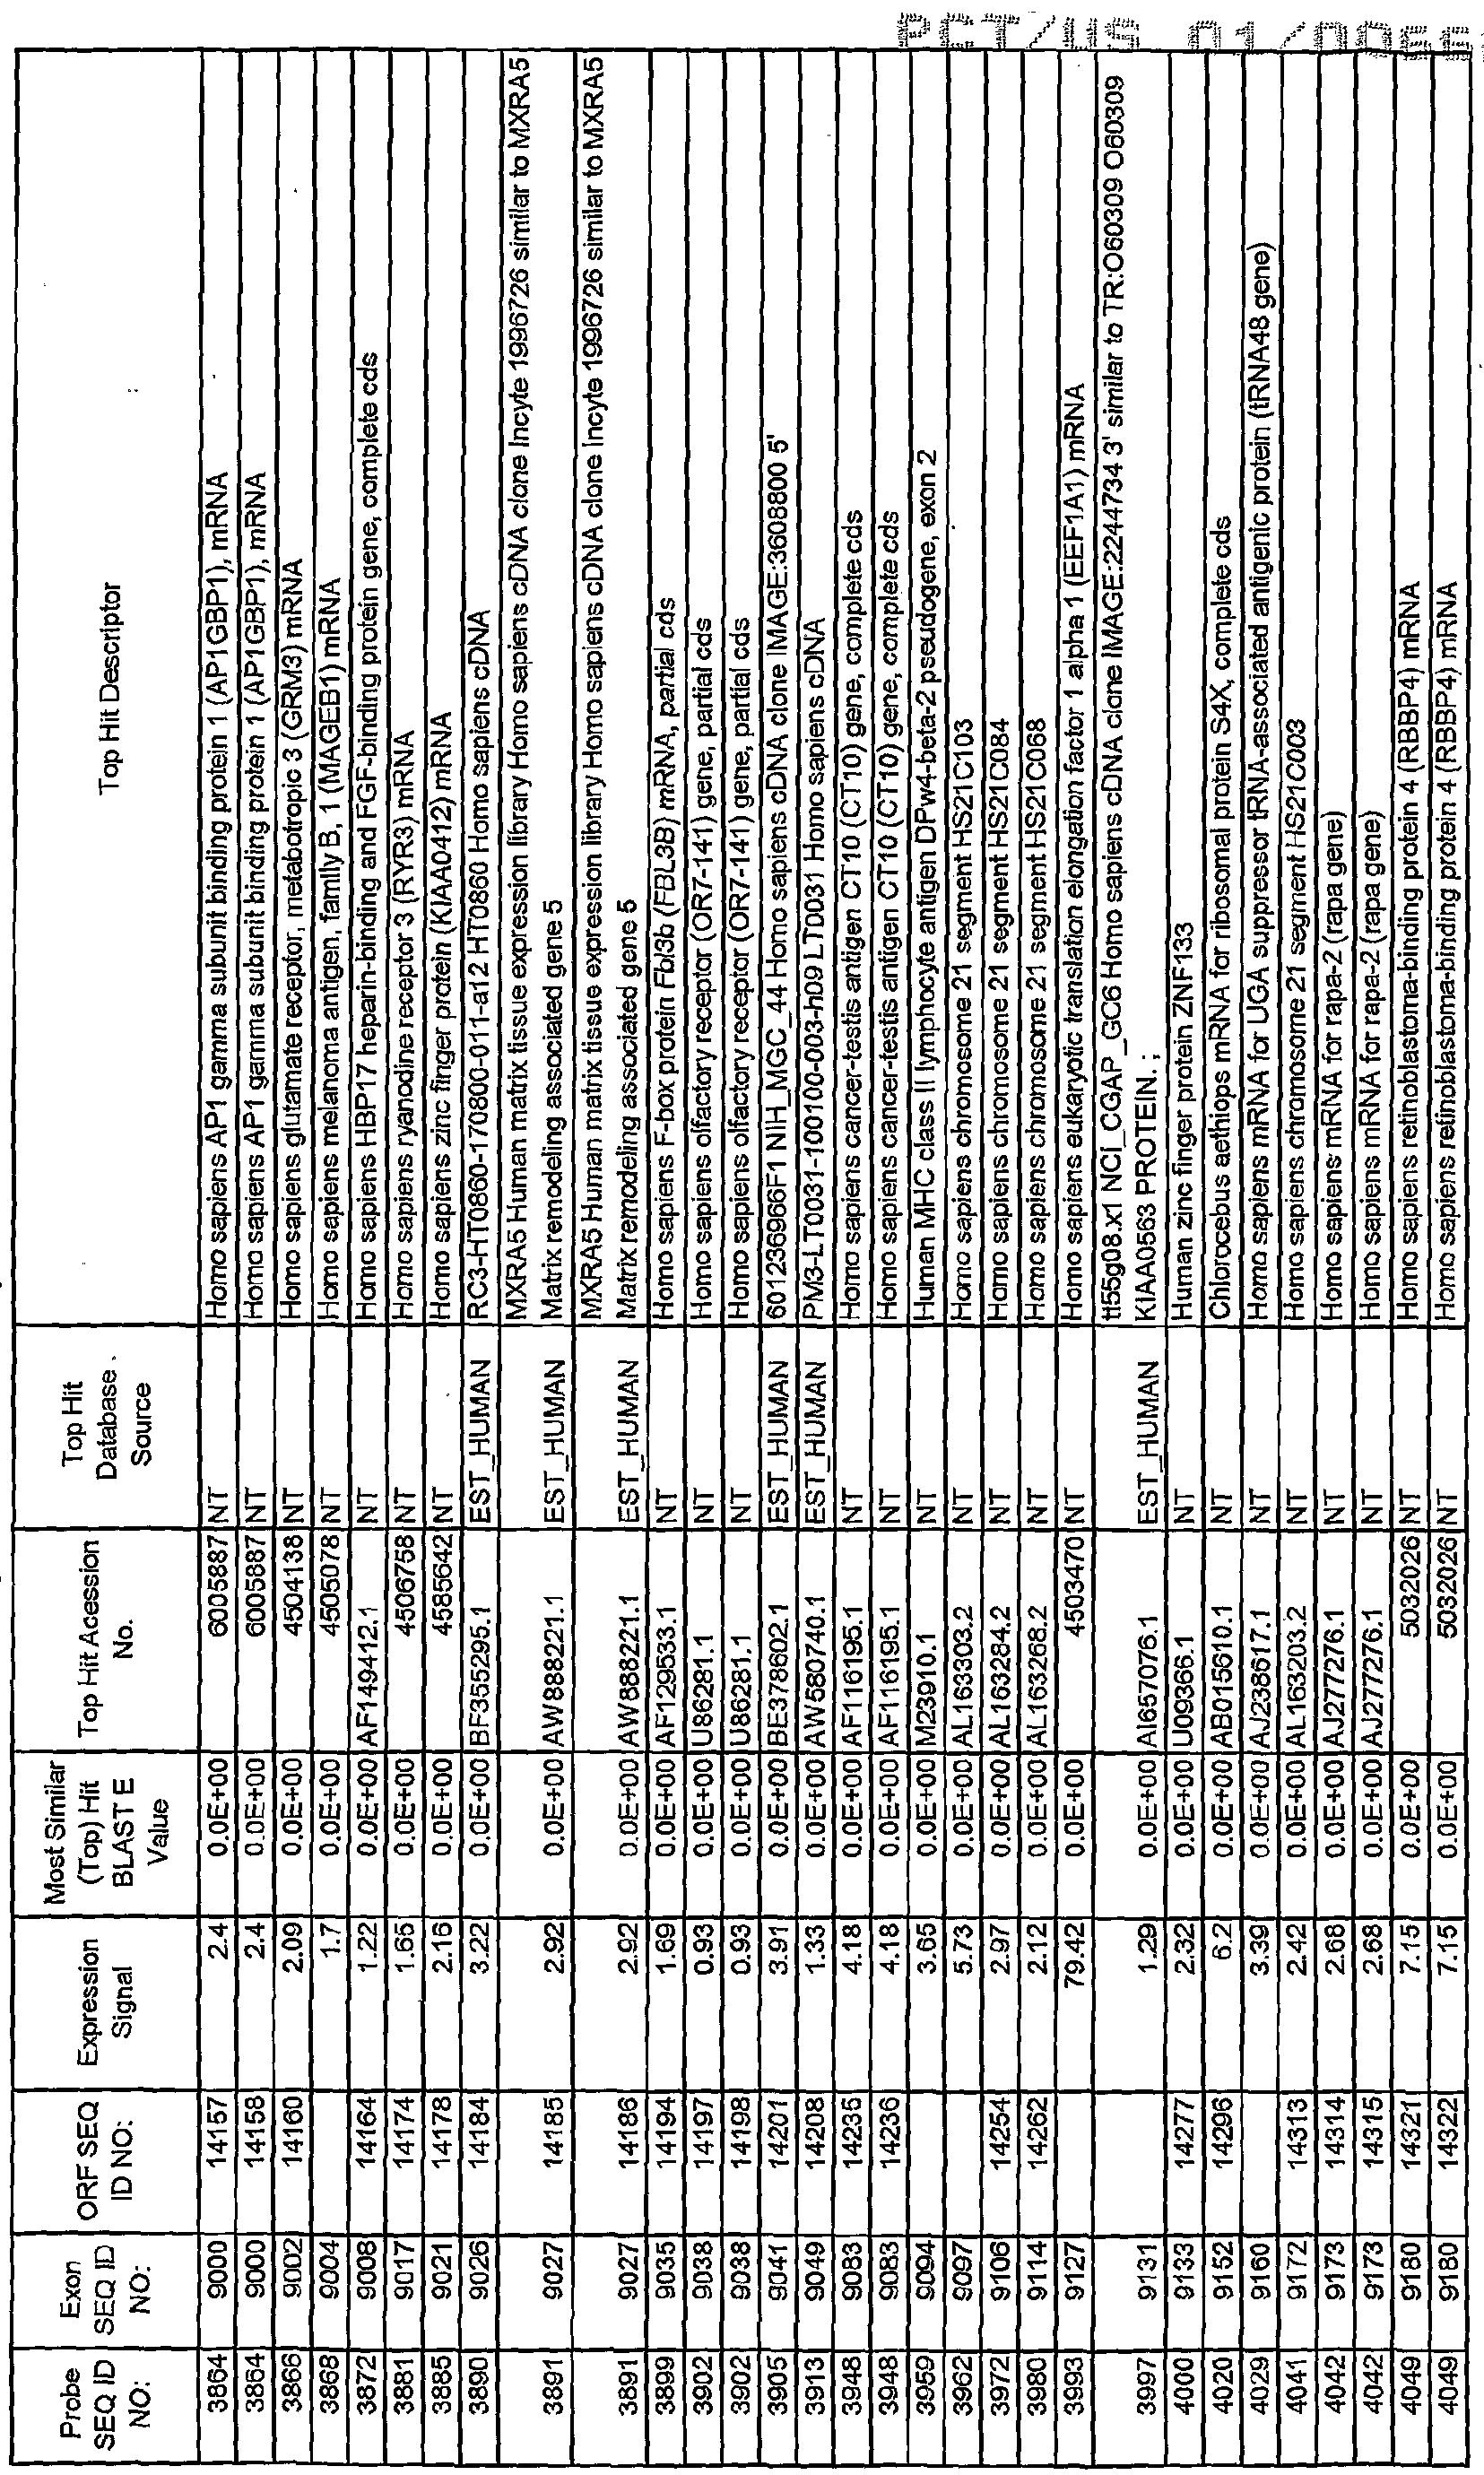 Figure imgf000304_0002